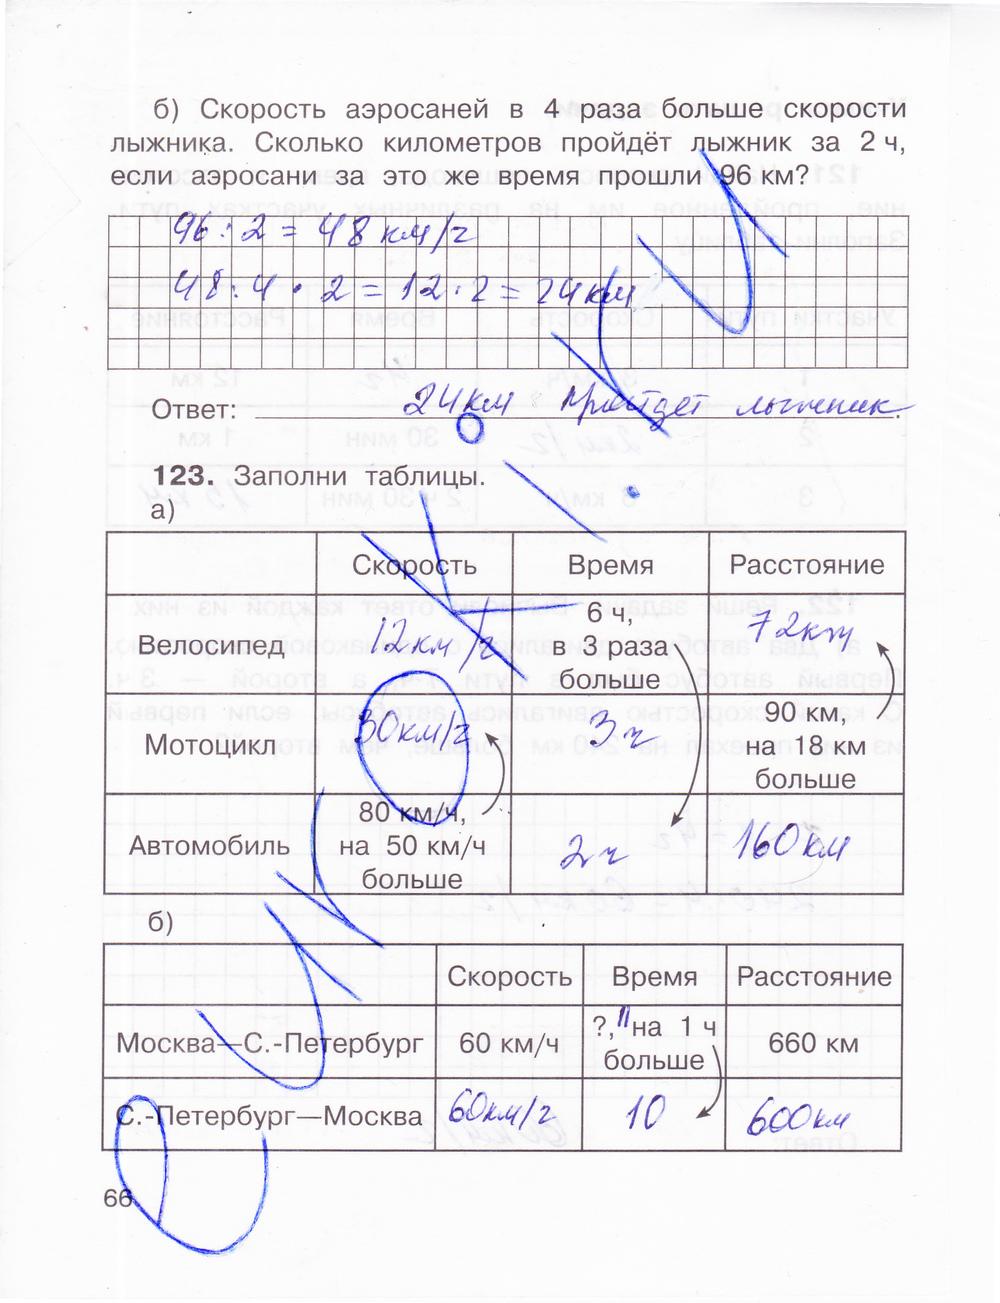 Методические пособия по математике захарова о.а юдина е.п математика в вопросах и заданиях 4 класс